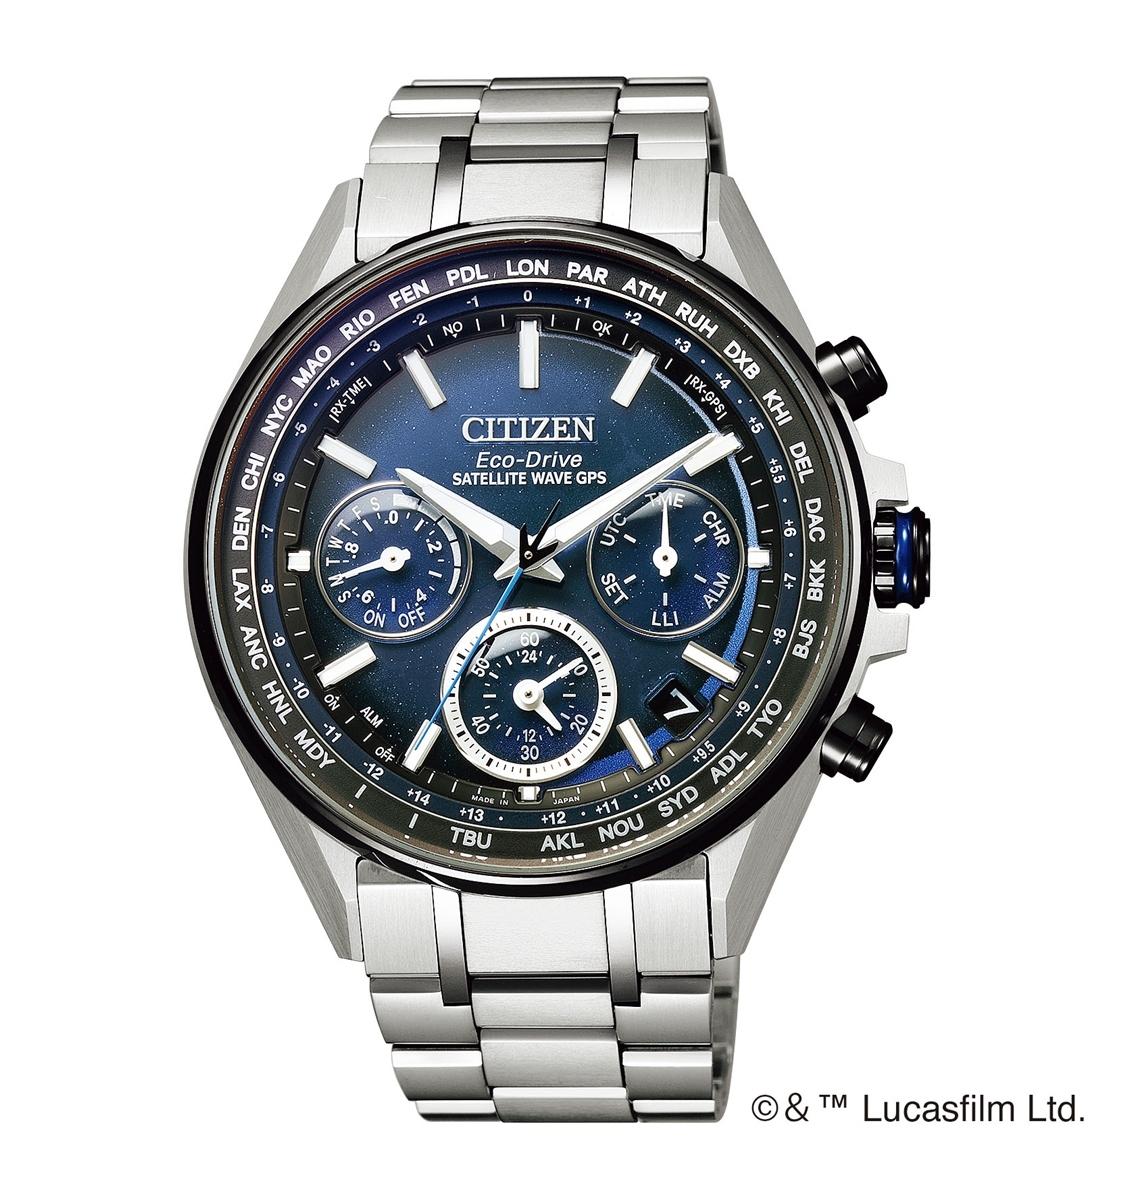 アテッサ ATTESA シチズン CITIZEN 正規メーカー延長保証付き CC4005-63L スター・ウォーズモデル 限定1200本 正規品 腕時計